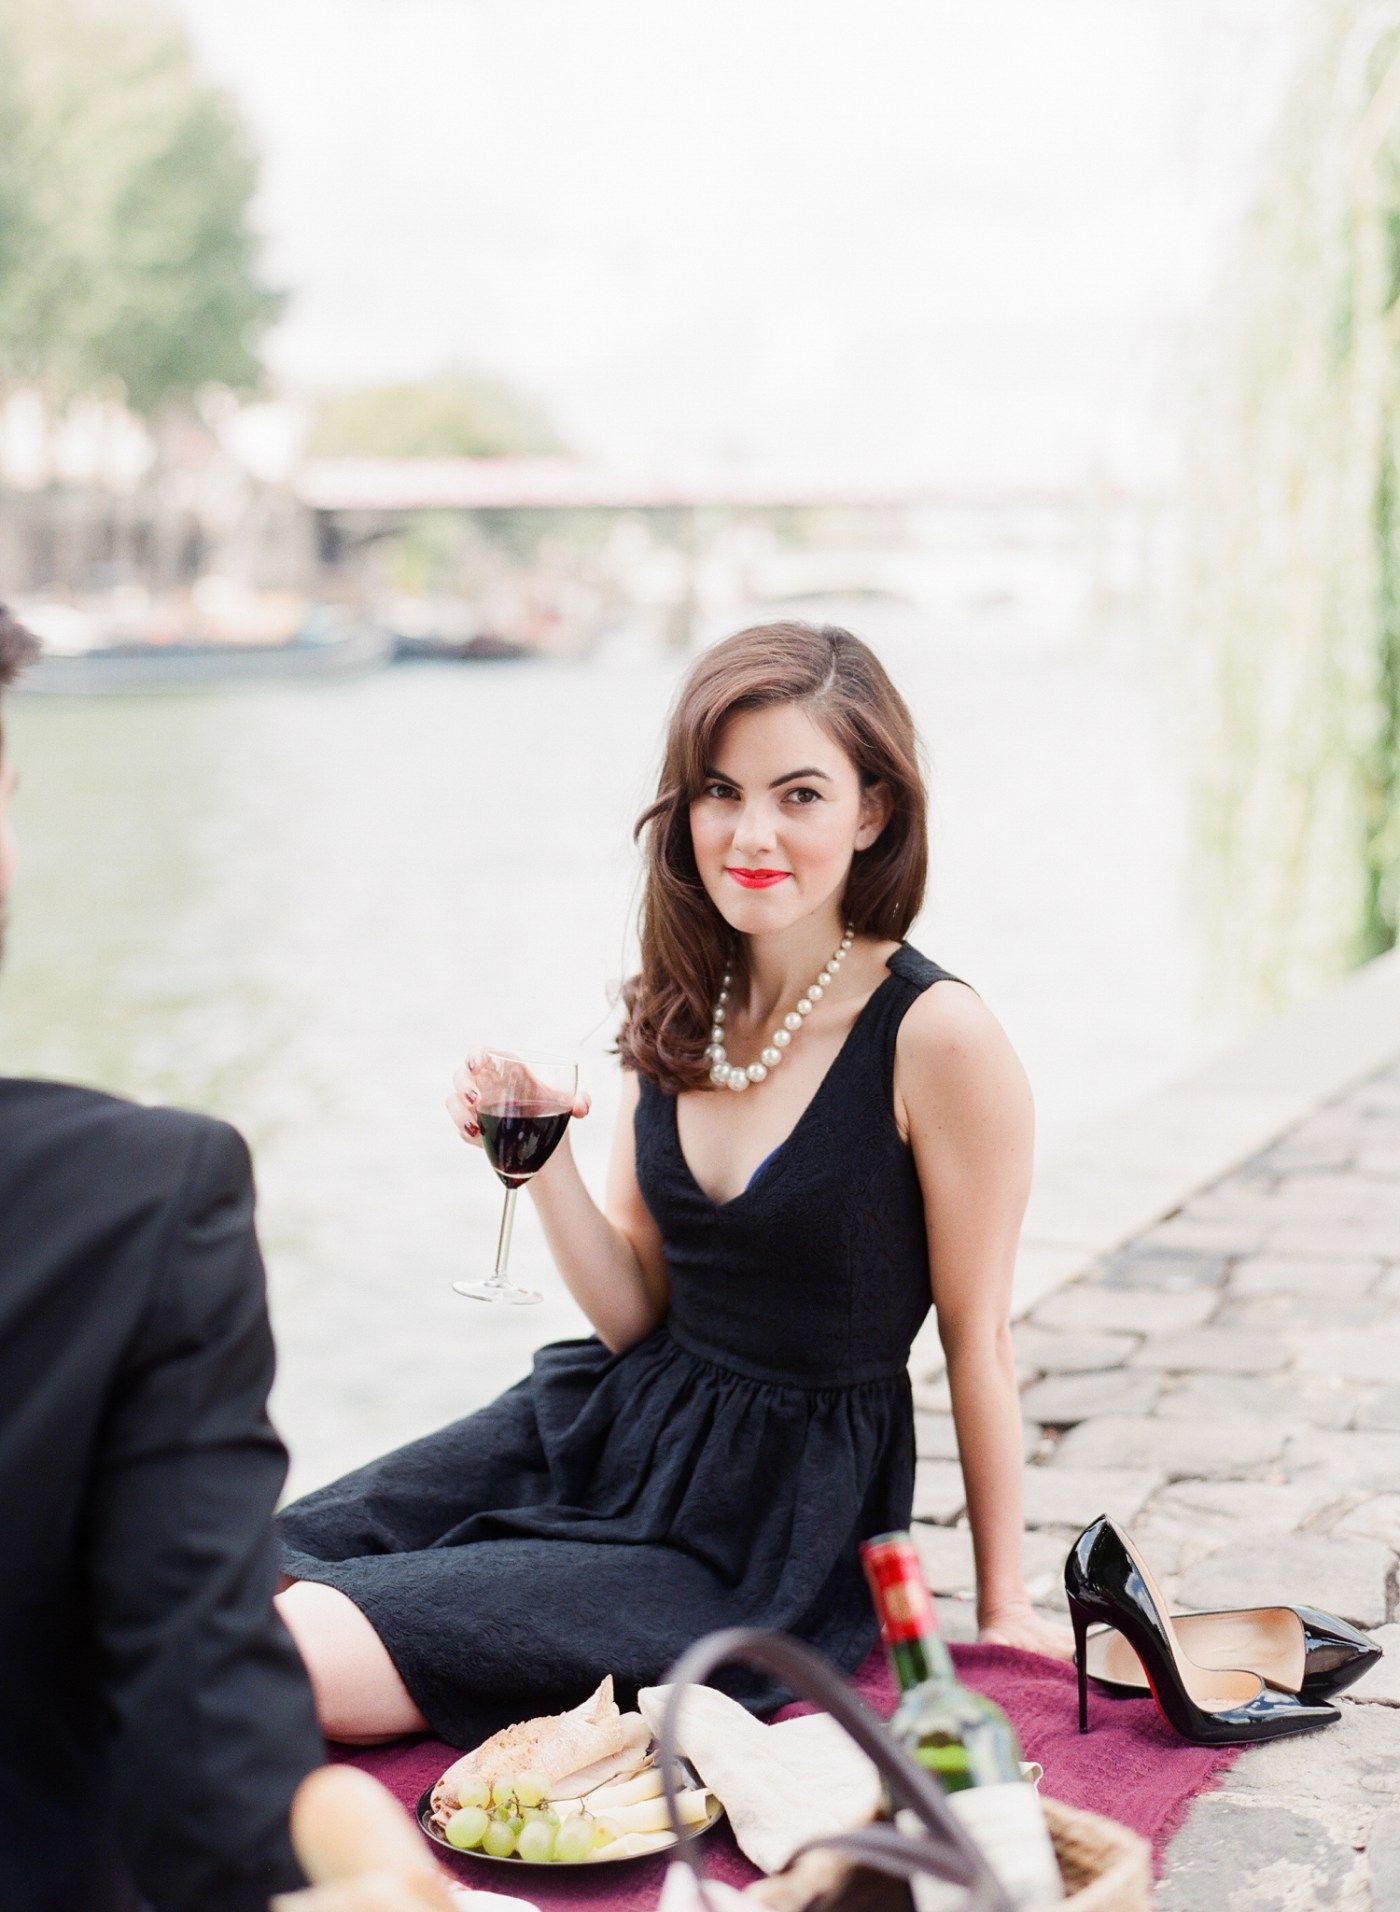 Black dress engagement photos - Engagement Paris Anniversary Session Pre Wedding Louboutin So Kate Little Black